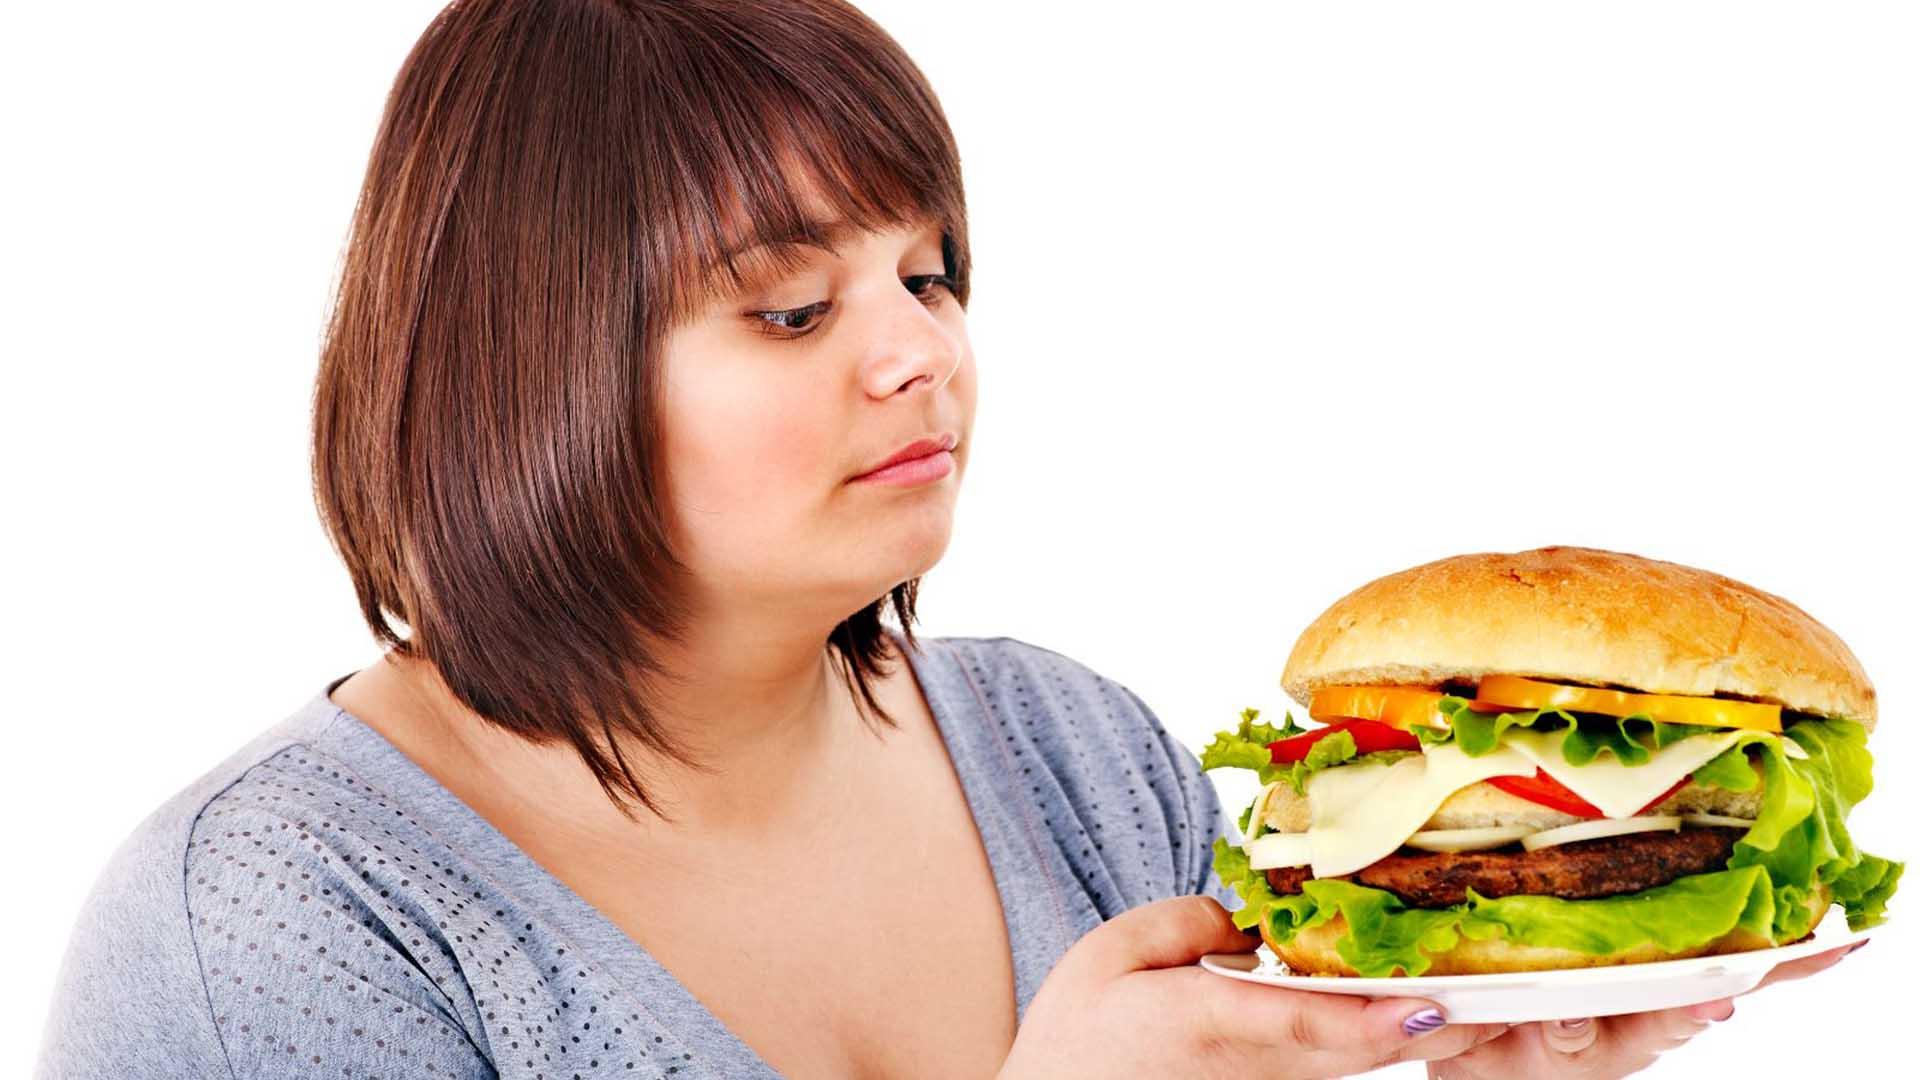 La obesidad: Un nuevo problema inesperado en áfrica subsahariana